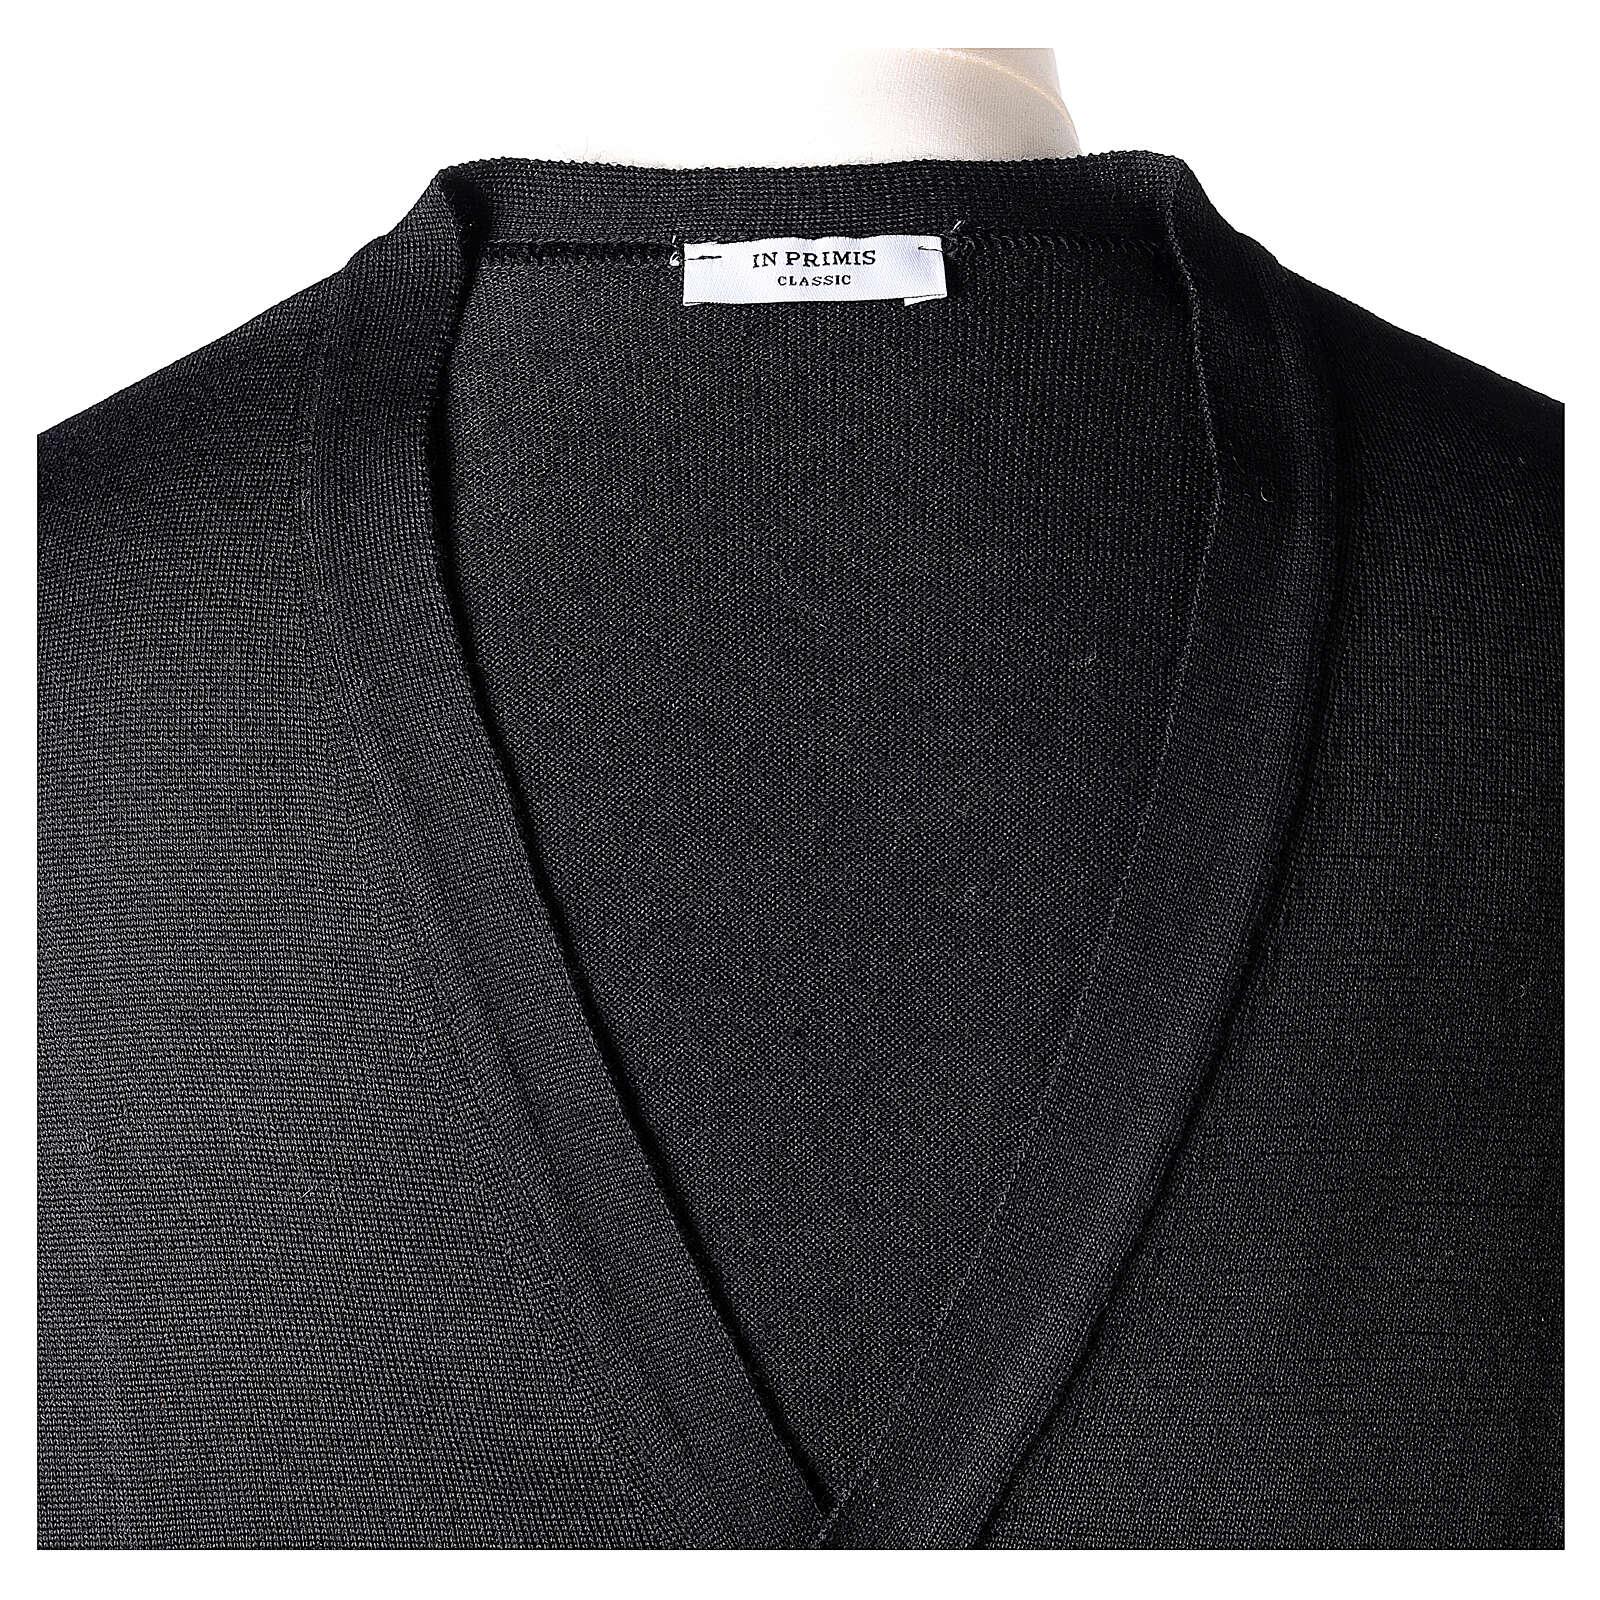 Chaqueta sacerdote negra punto al derecho 50% acrílico 50% lana merina In Primis 4